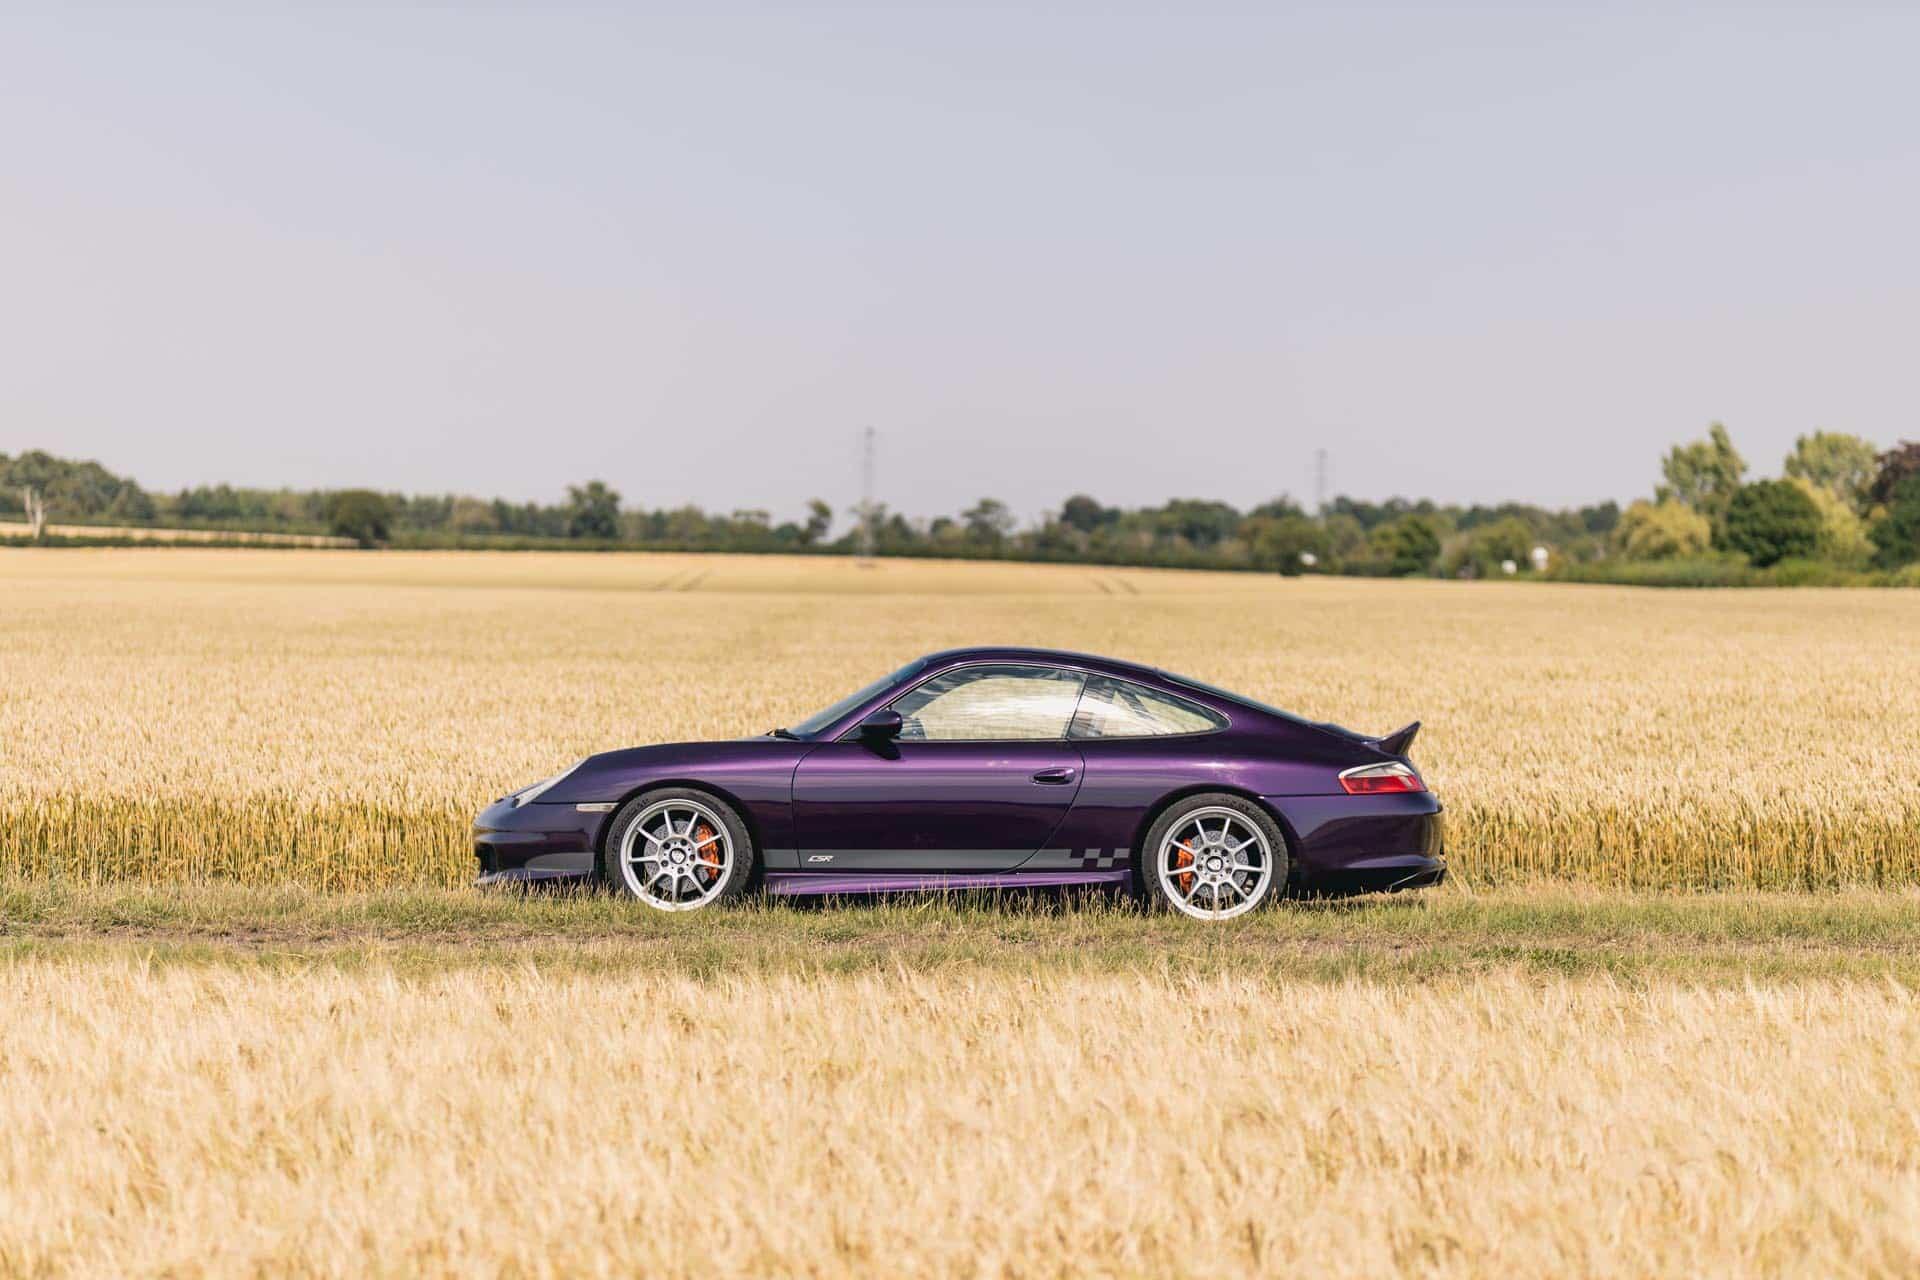 996 csr evo 1